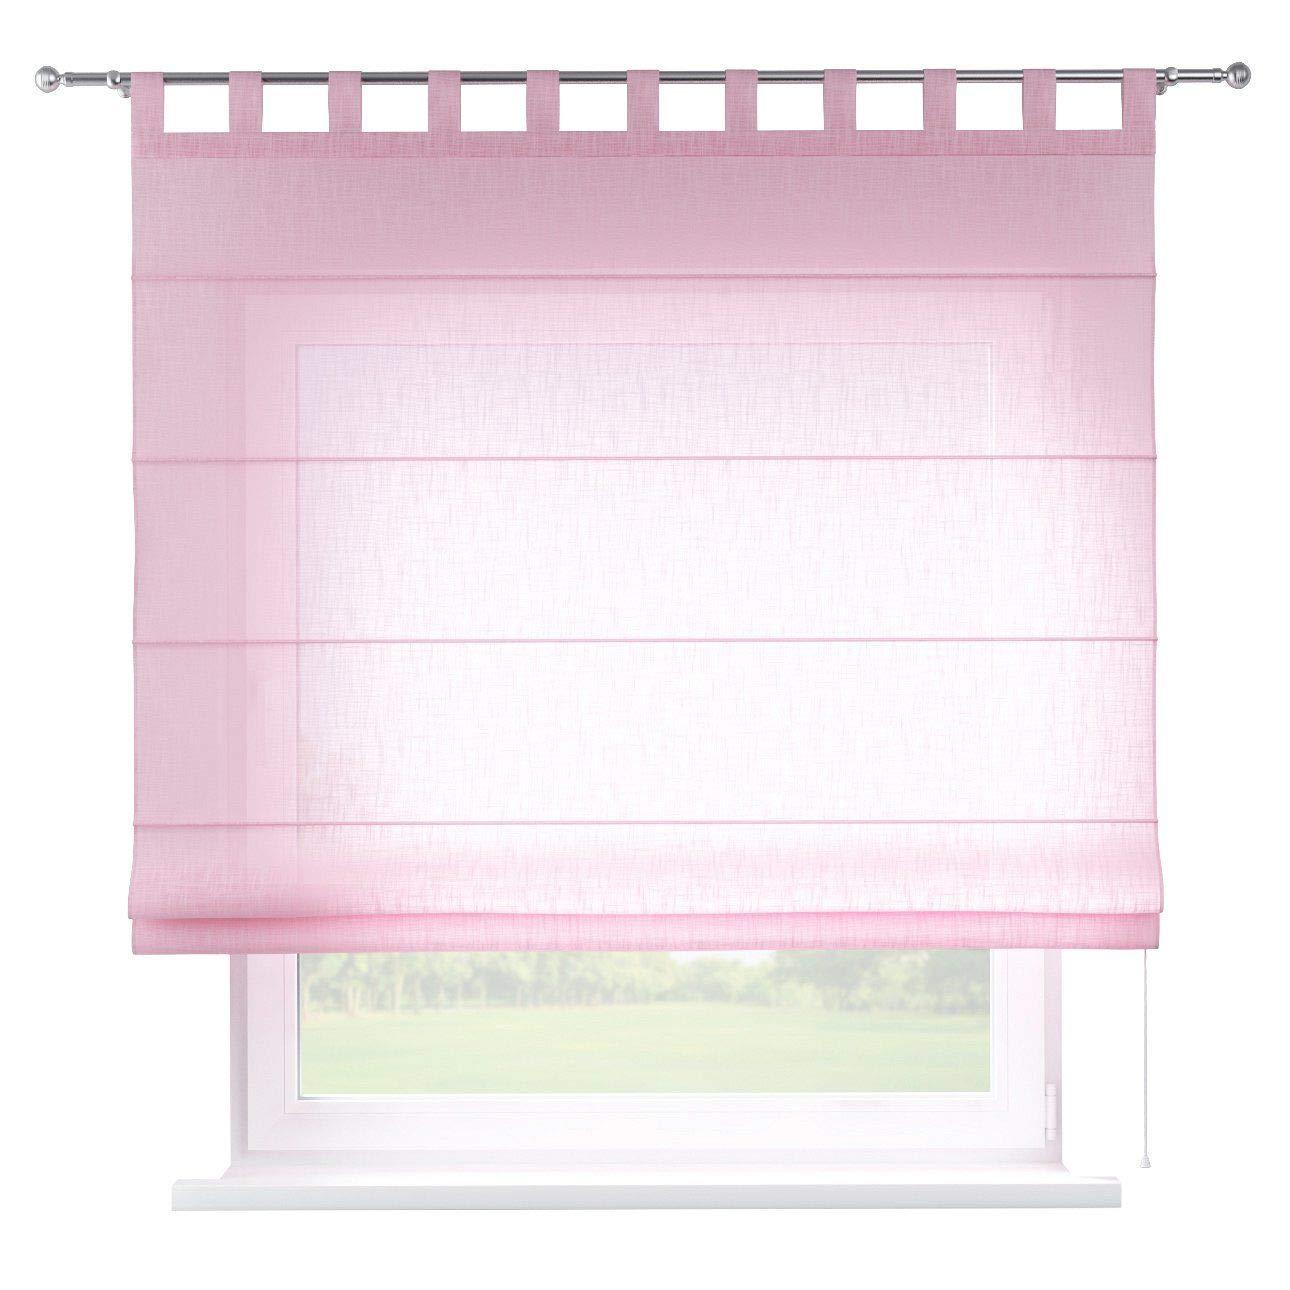 Dekoria Raffrollo Verona ohne Bohren Blickdicht Faltvorhang Raffgardine Wohnzimmer Schlafzimmer Kinderzimmer 160 × 170 cm rosa Raffrollos auf Maß maßanfertigung möglich